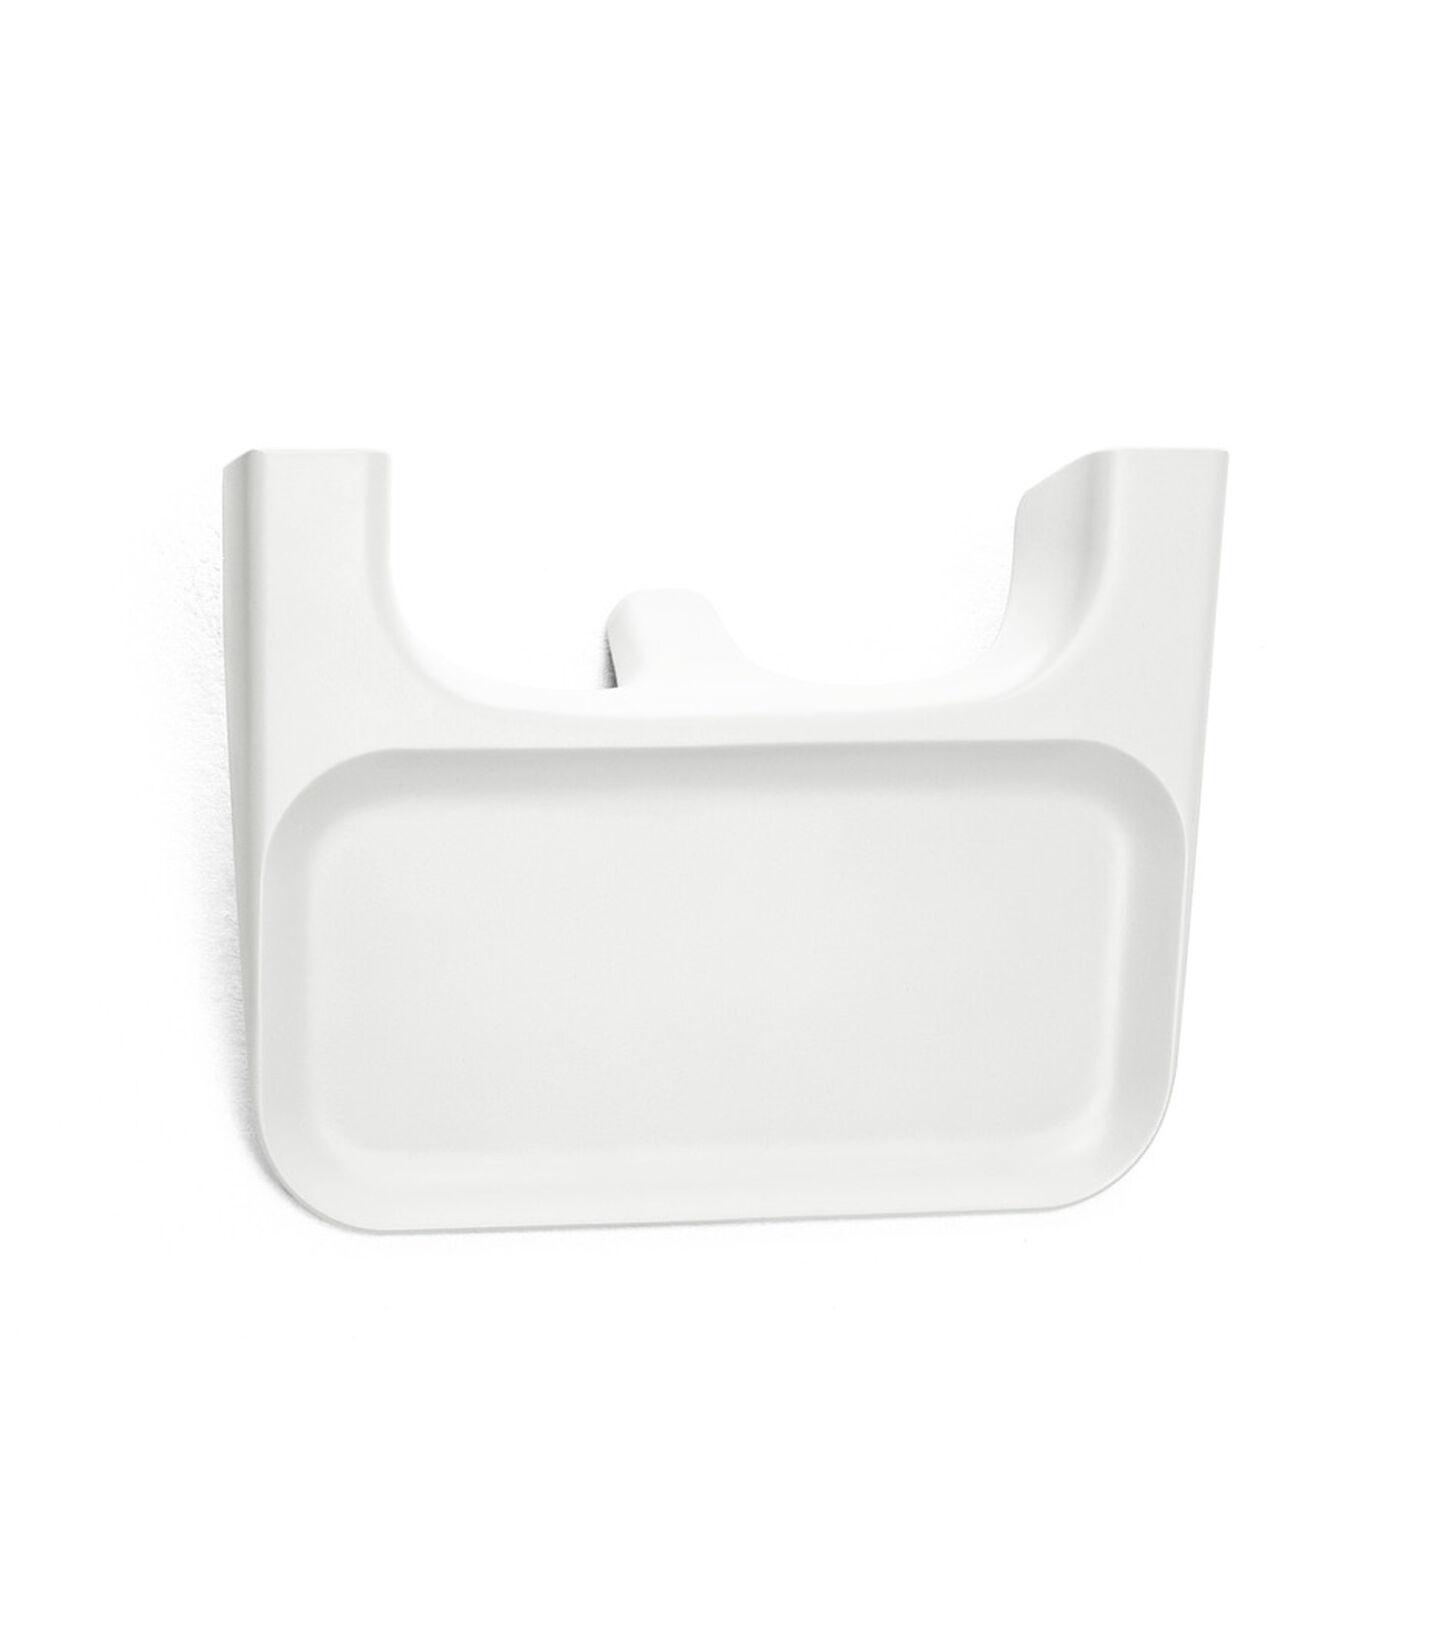 Stokke® Clikk™ Vassoio White, Bianco, mainview view 1